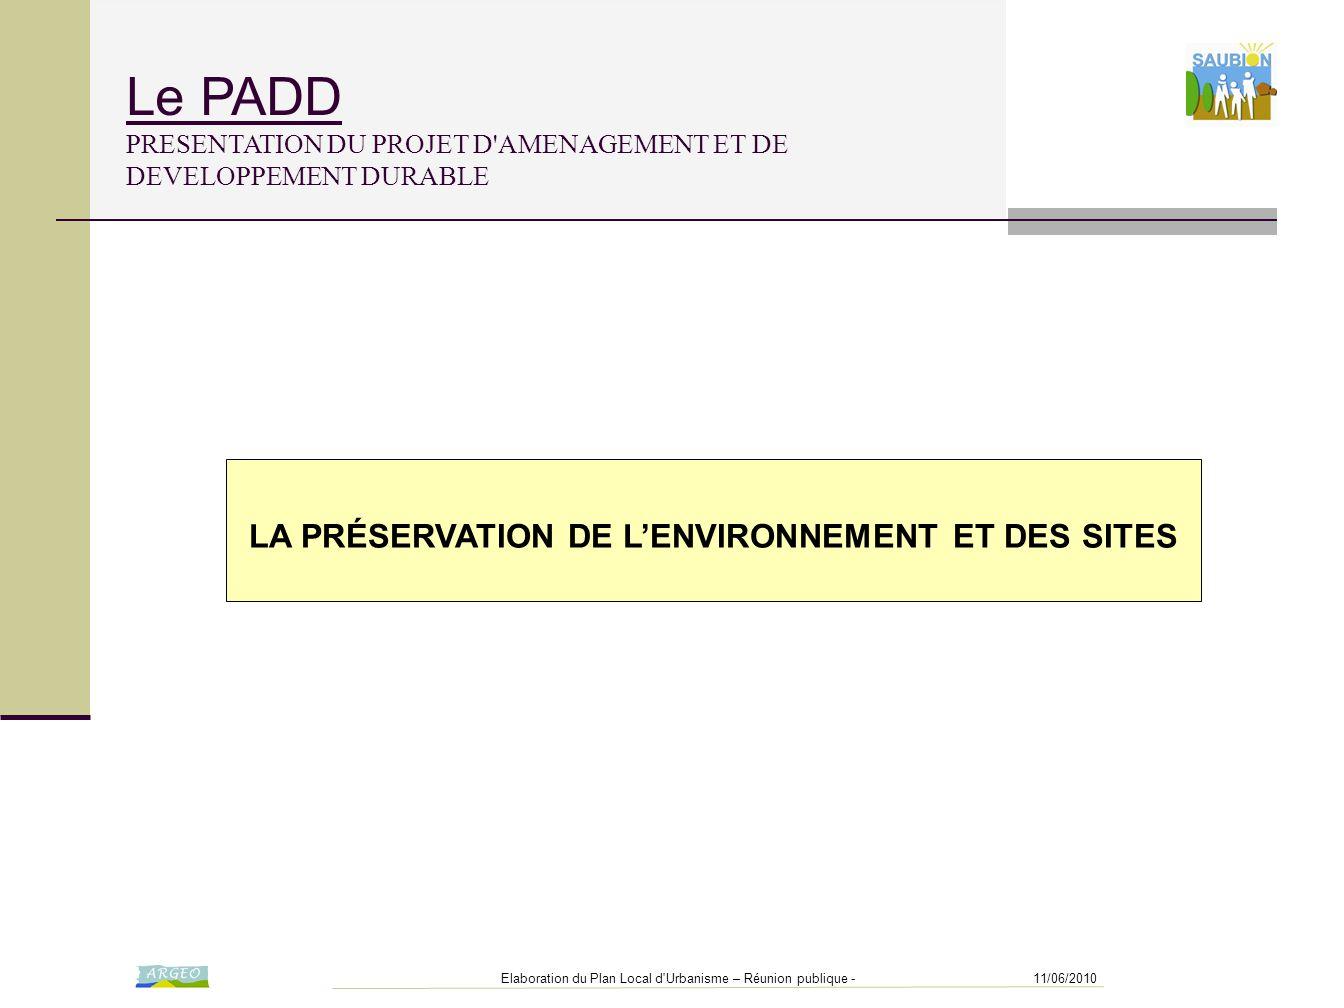 11/06/2010Elaboration du Plan Local d'Urbanisme – Réunion publique - LA PRÉSERVATION DE L'ENVIRONNEMENT ET DES SITES Le PADD PRESENTATION DU PROJET D'